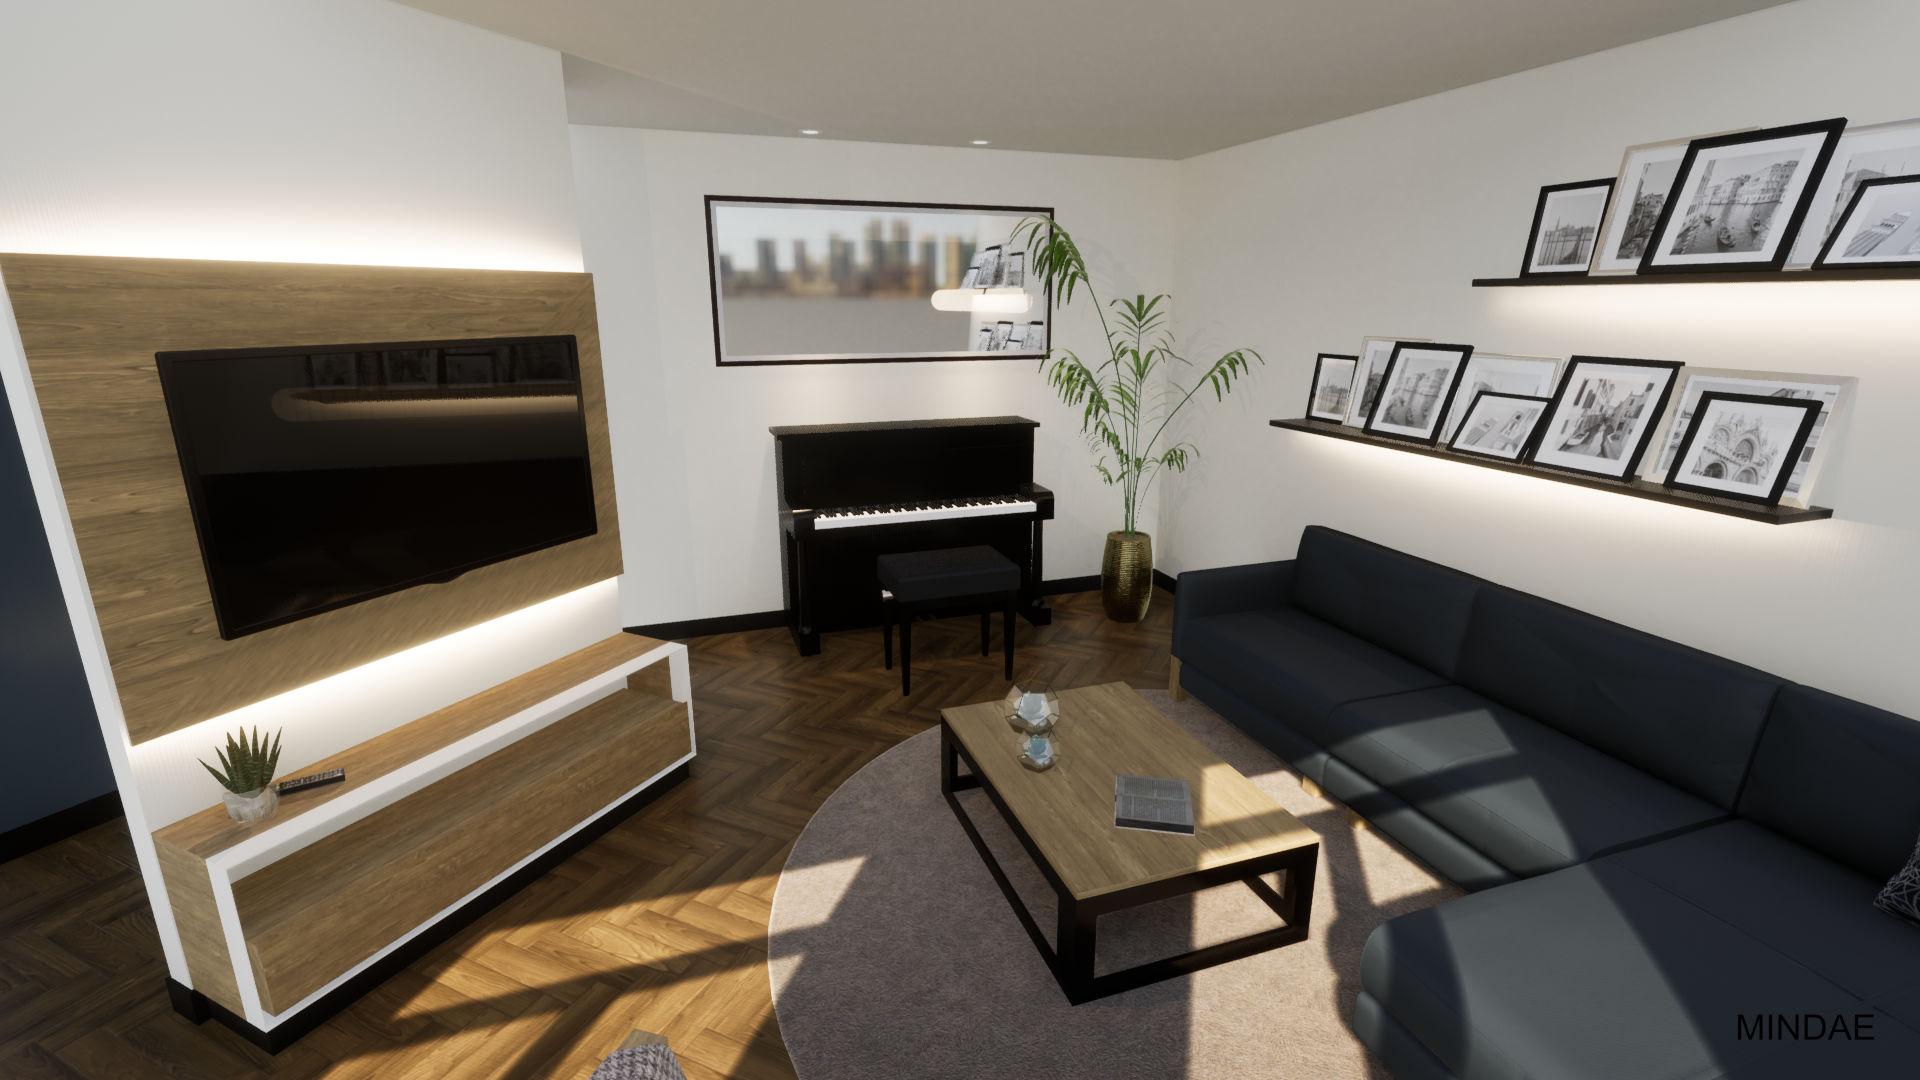 MINDAE_Charleroi_Triplex_salon_séjour_piano_bureau_mobilier sur mesure (2)